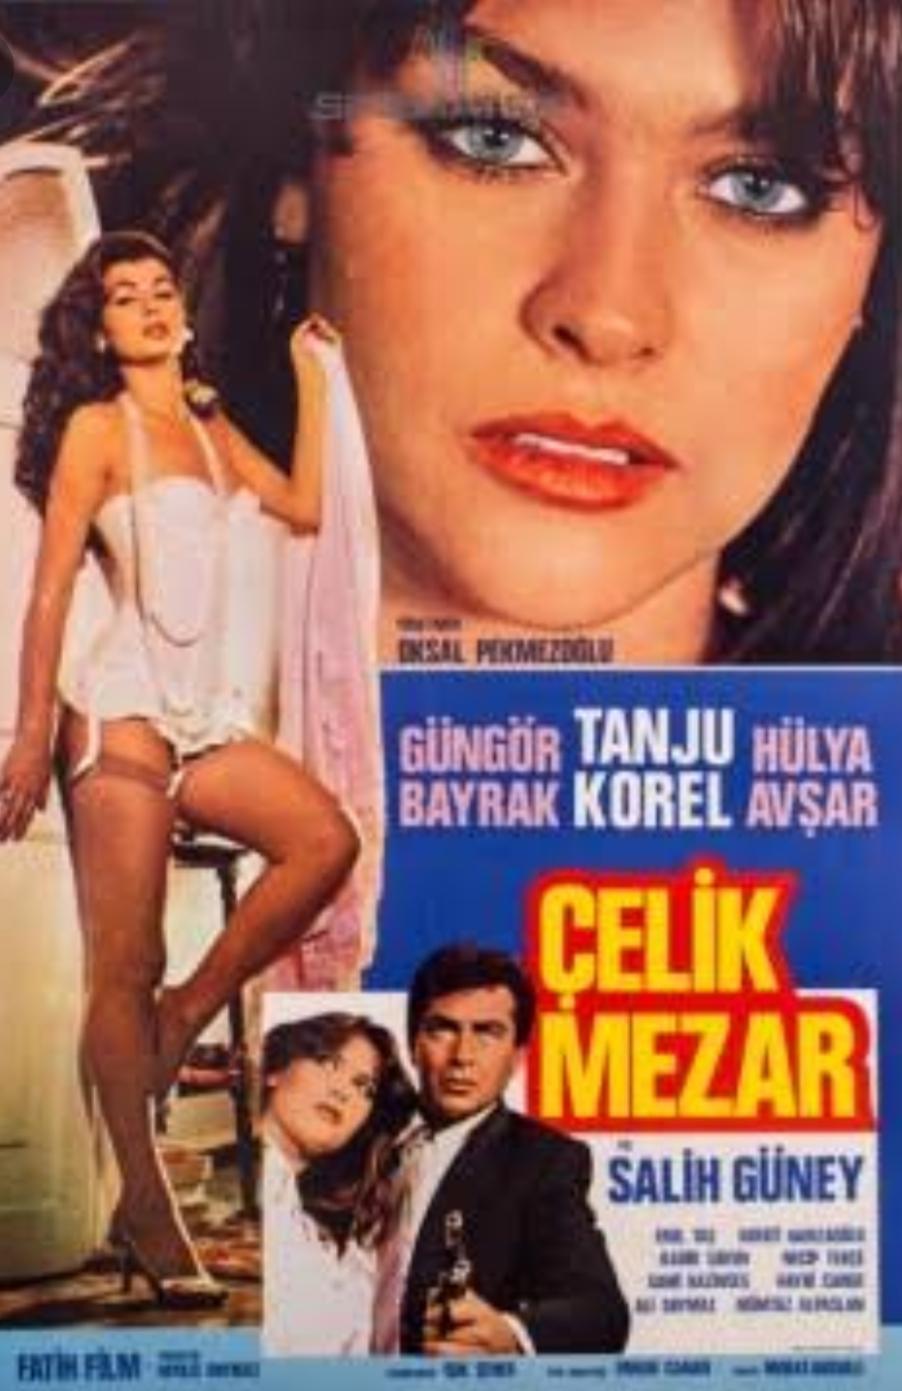 Çelik mezar ((1983))